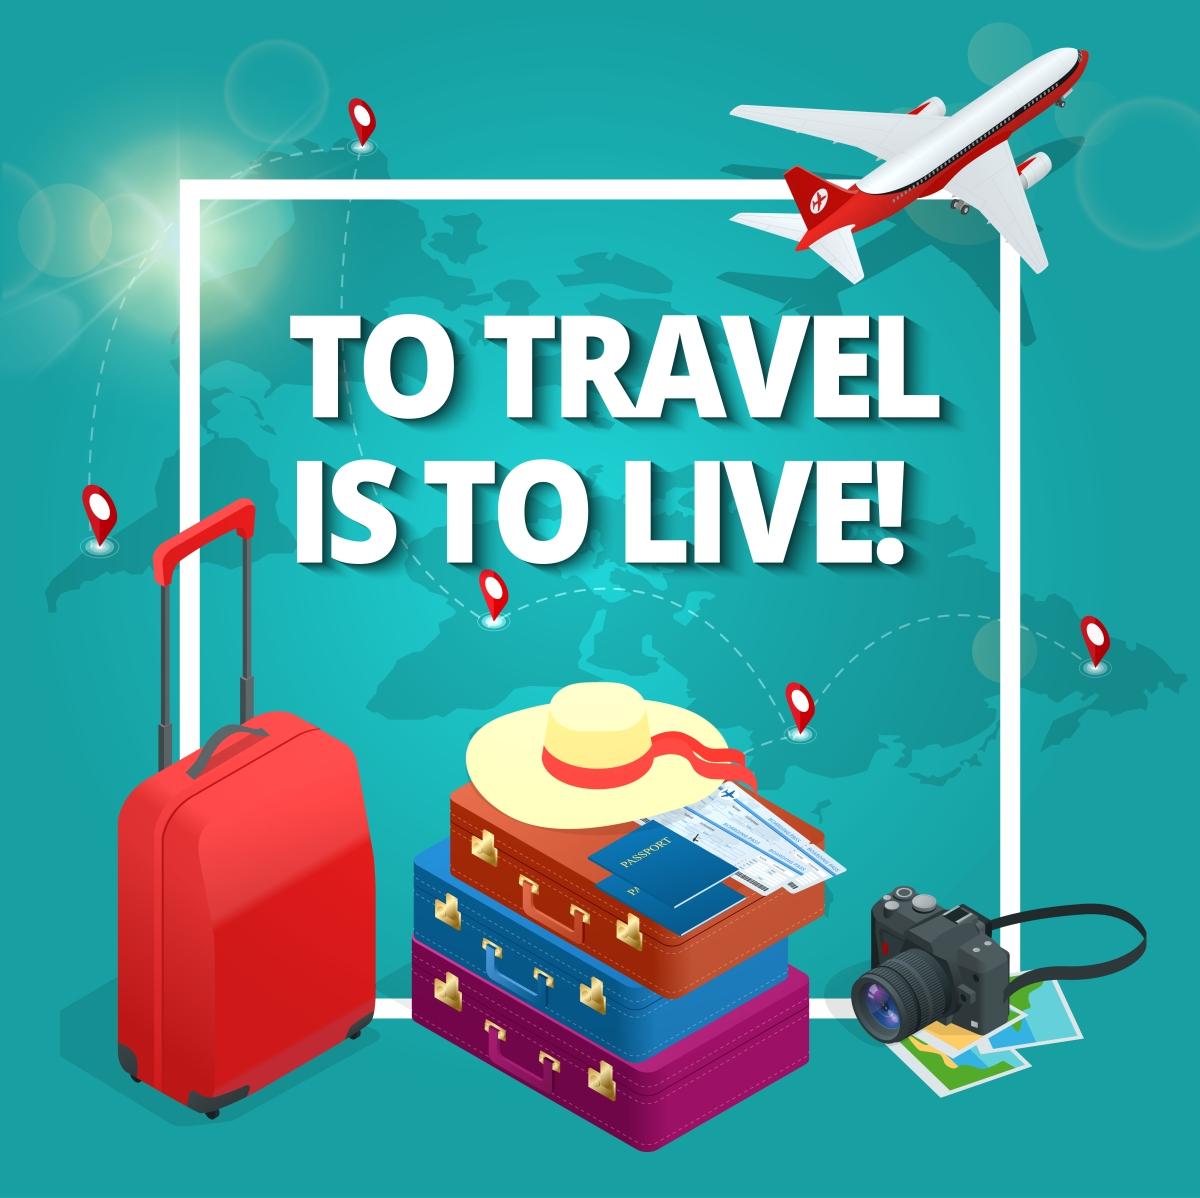 Cum să călătorești mai mult și mai ieftin -  tips&tricks